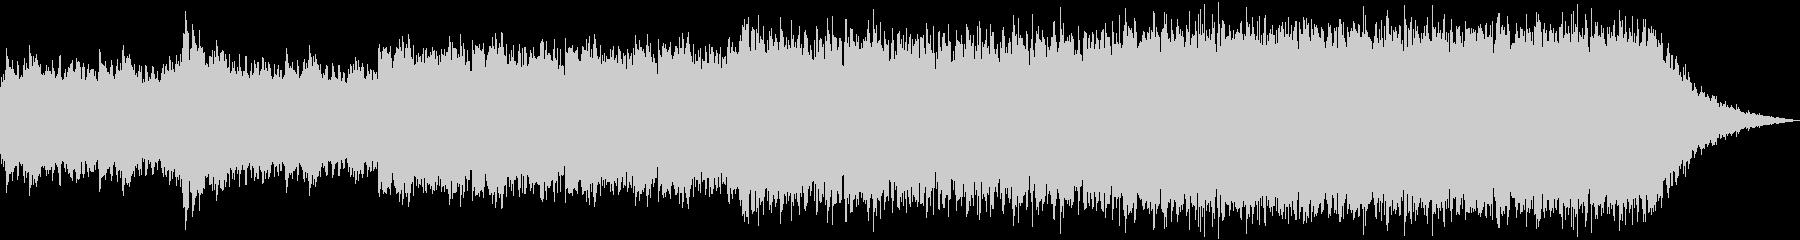 ロックオーケストラ 始まりの未再生の波形